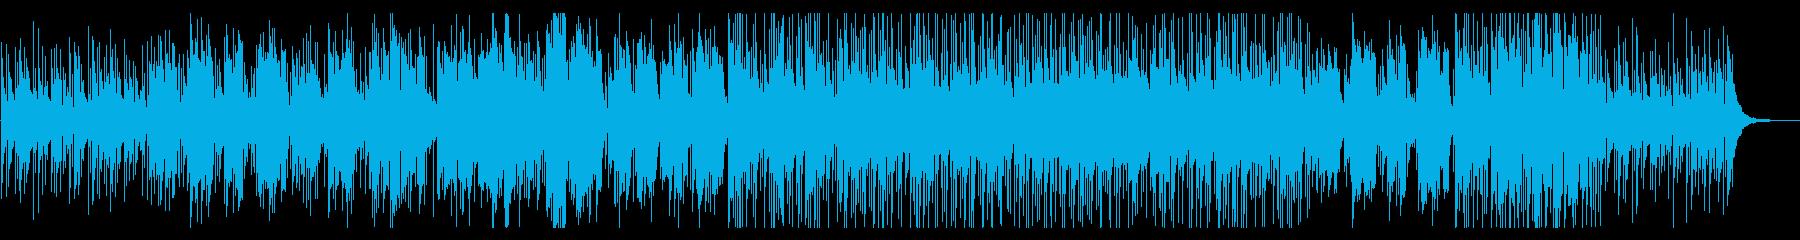 フルート 暖かく柔らかなバラードの再生済みの波形